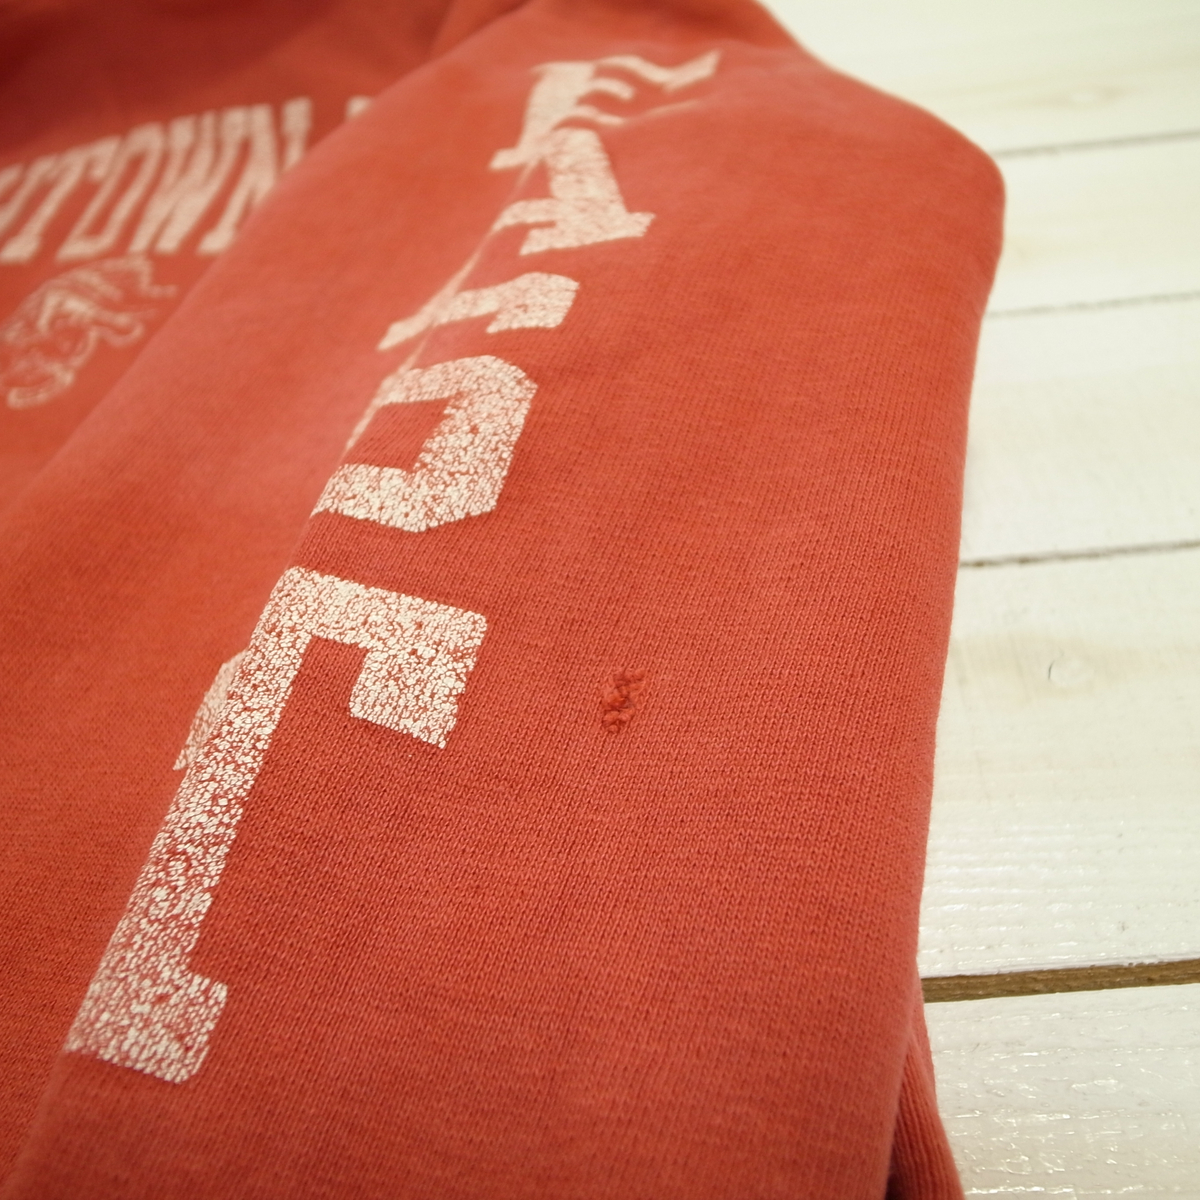 19e9f82814f069 80s USA製 トリコタグ チャンピオン リバースウィーブ スウェット パーカー M ビンテージ 両袖プリント 赤 Champion